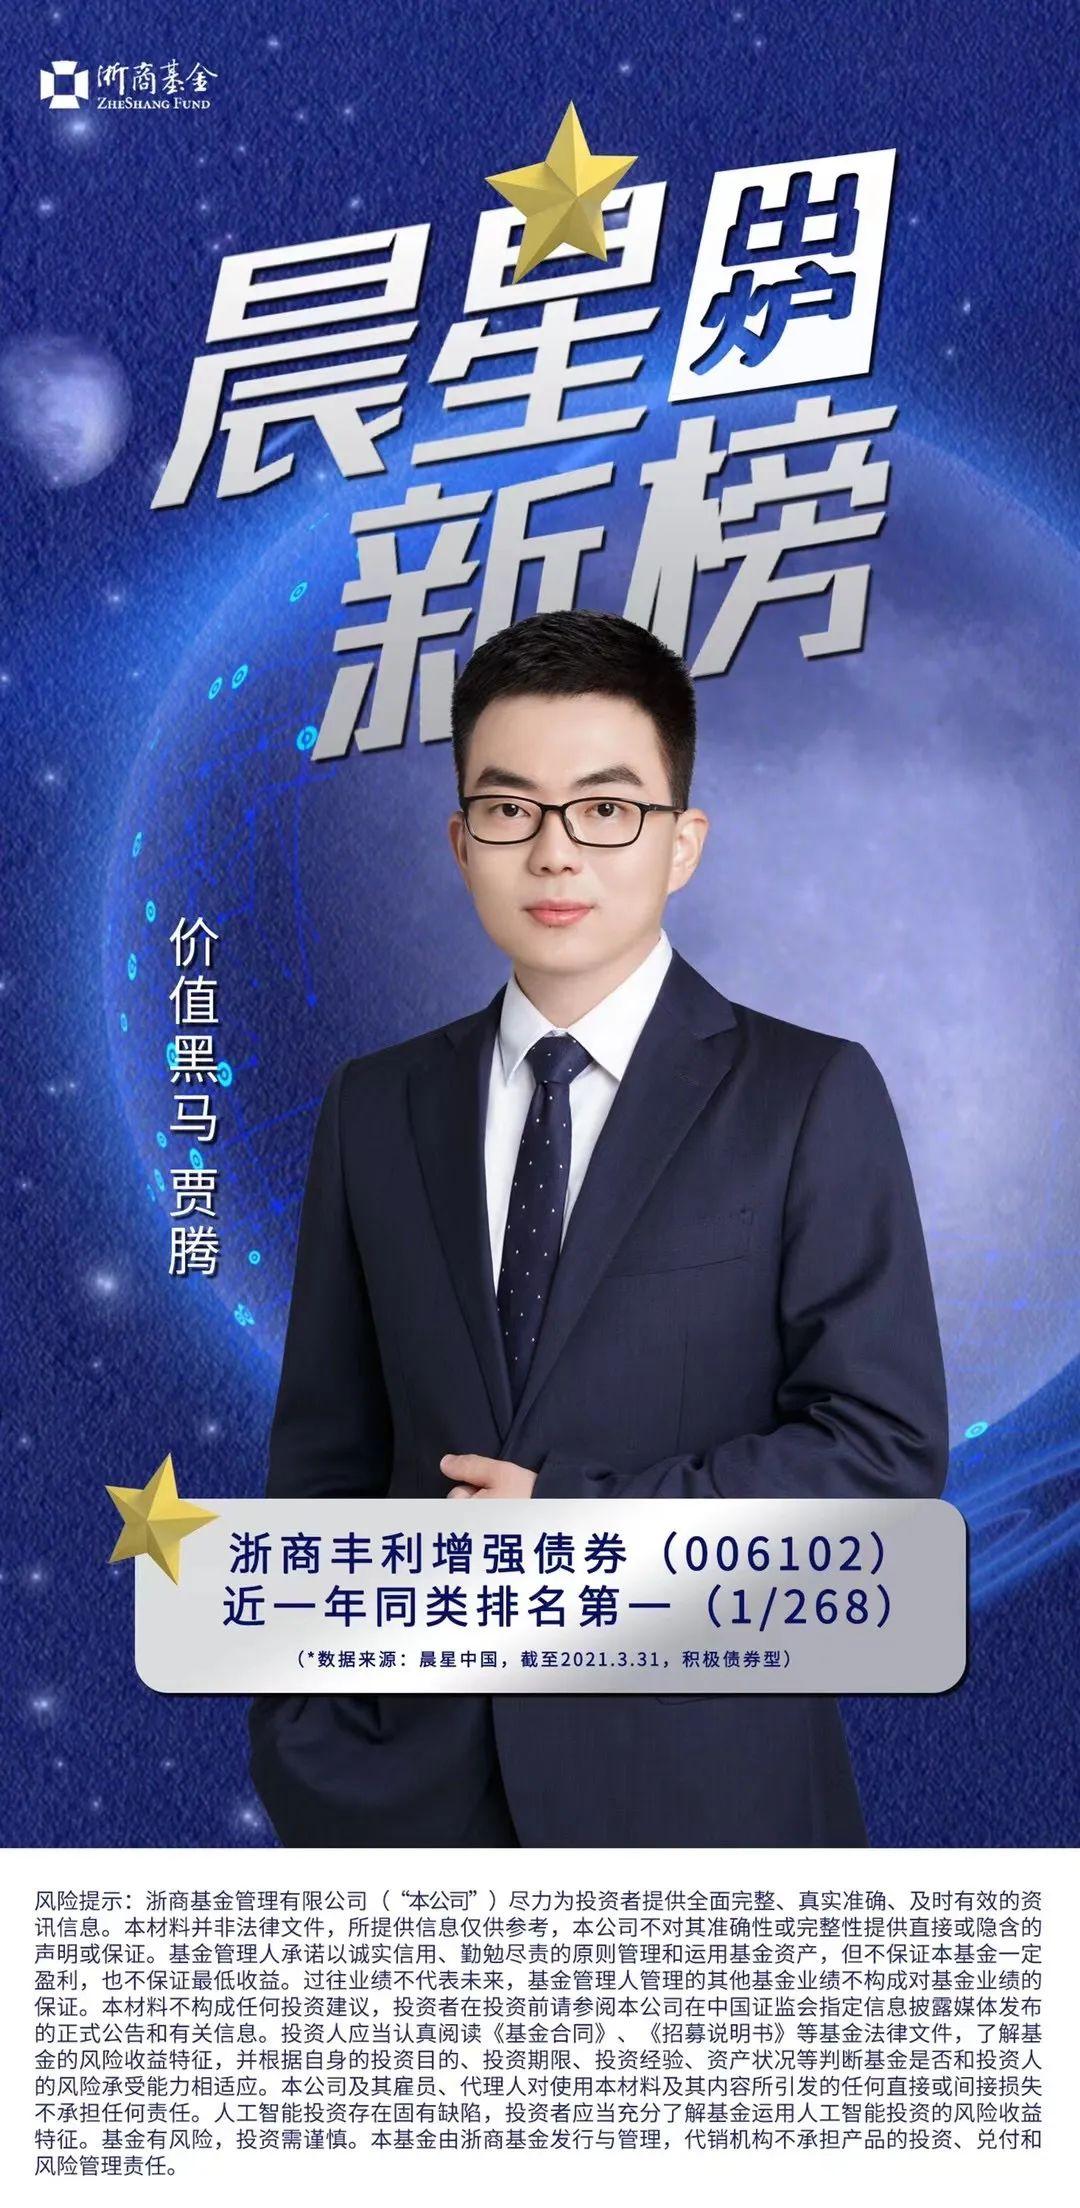 海通证券晨星中国业绩榜单揭晓,浙商基金多只产品表现亮眼!